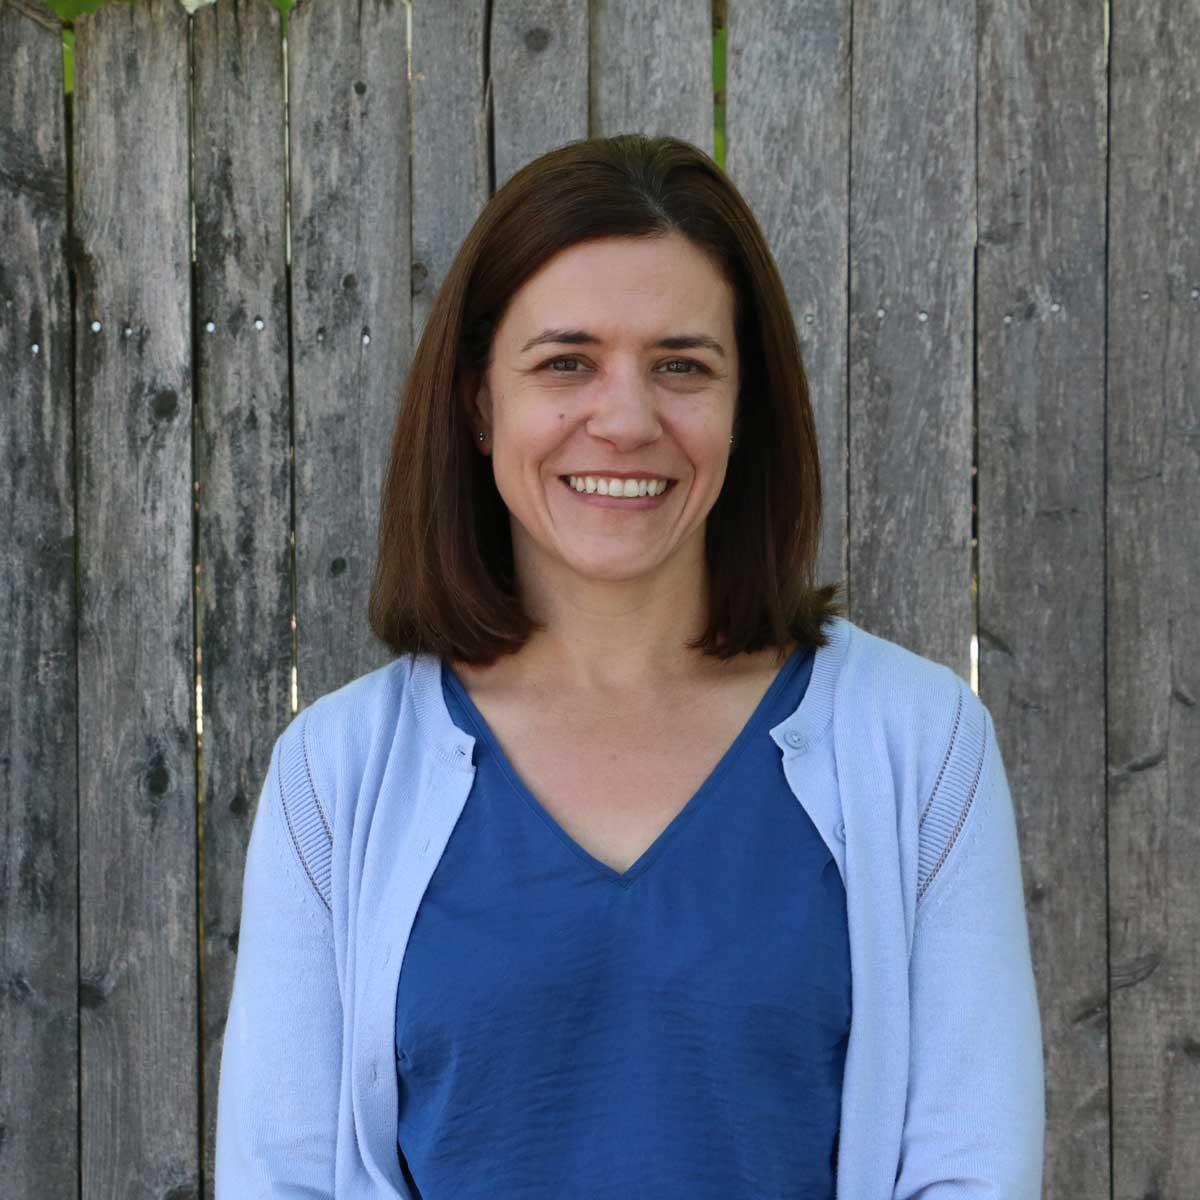 Mortgage Originator Stacey Gagnon